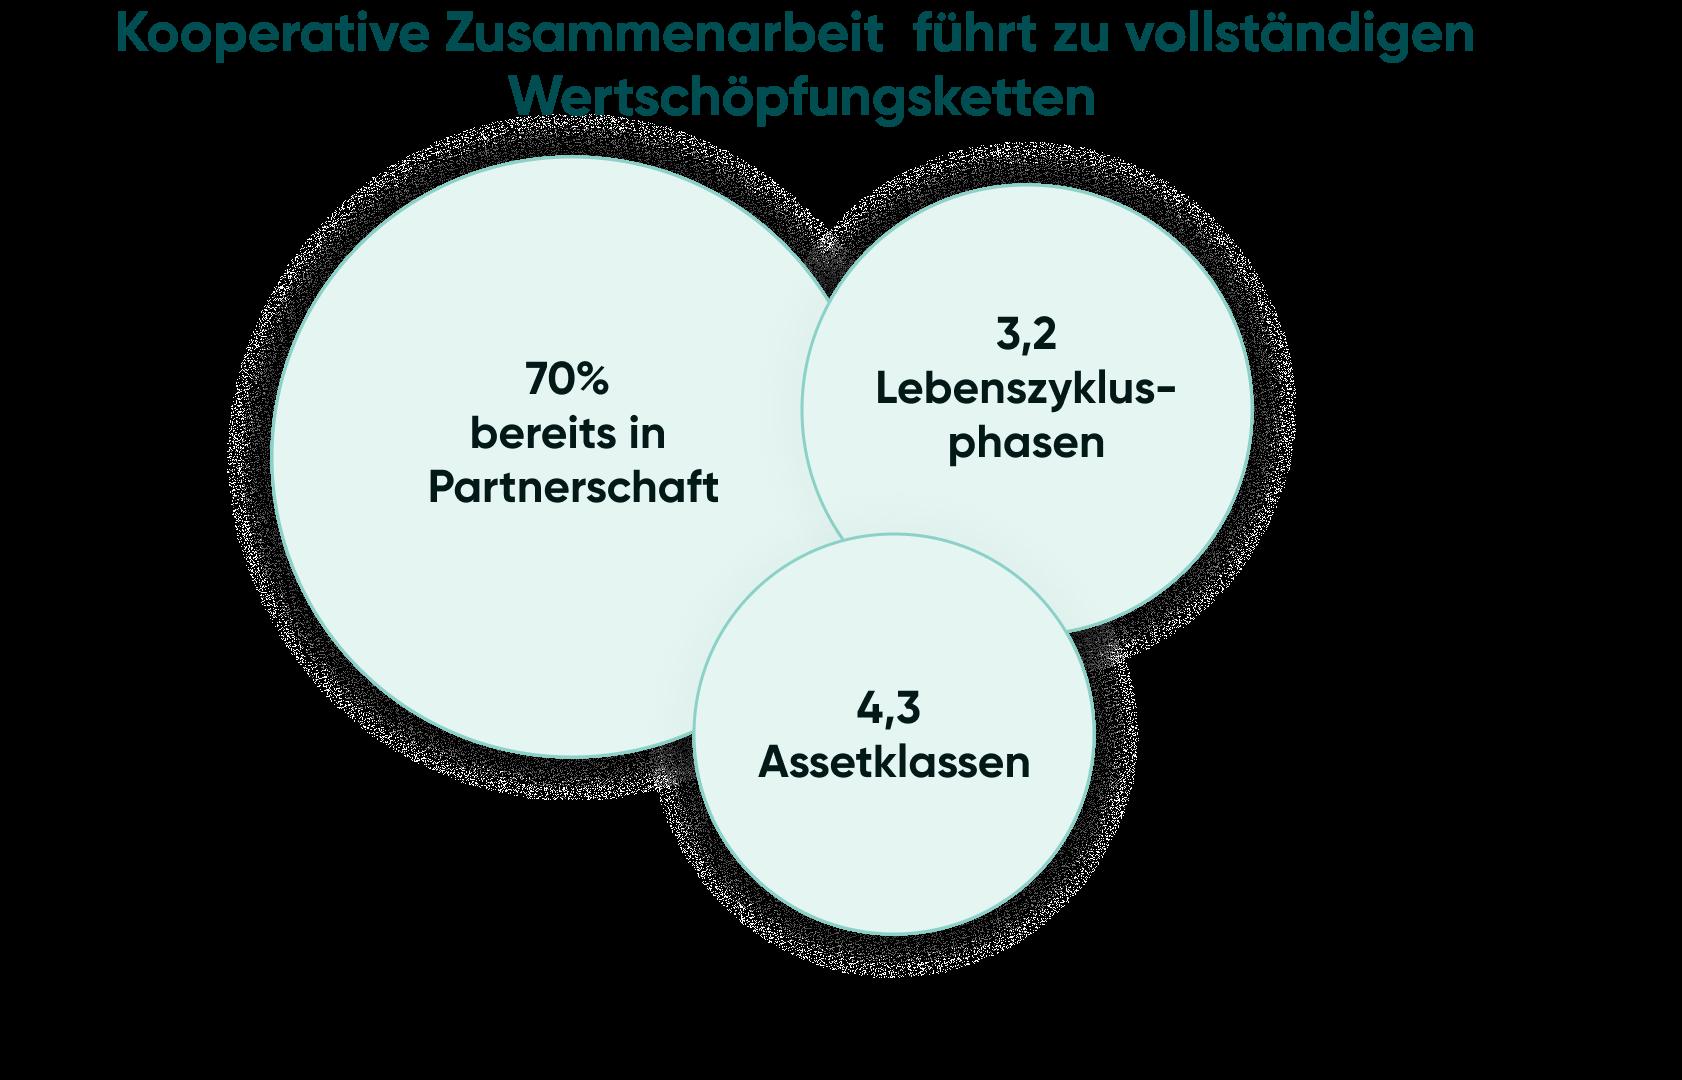 Kooperative Zusammenarbeit führt zu Konnektivität entlang der Wertschöpfungskette